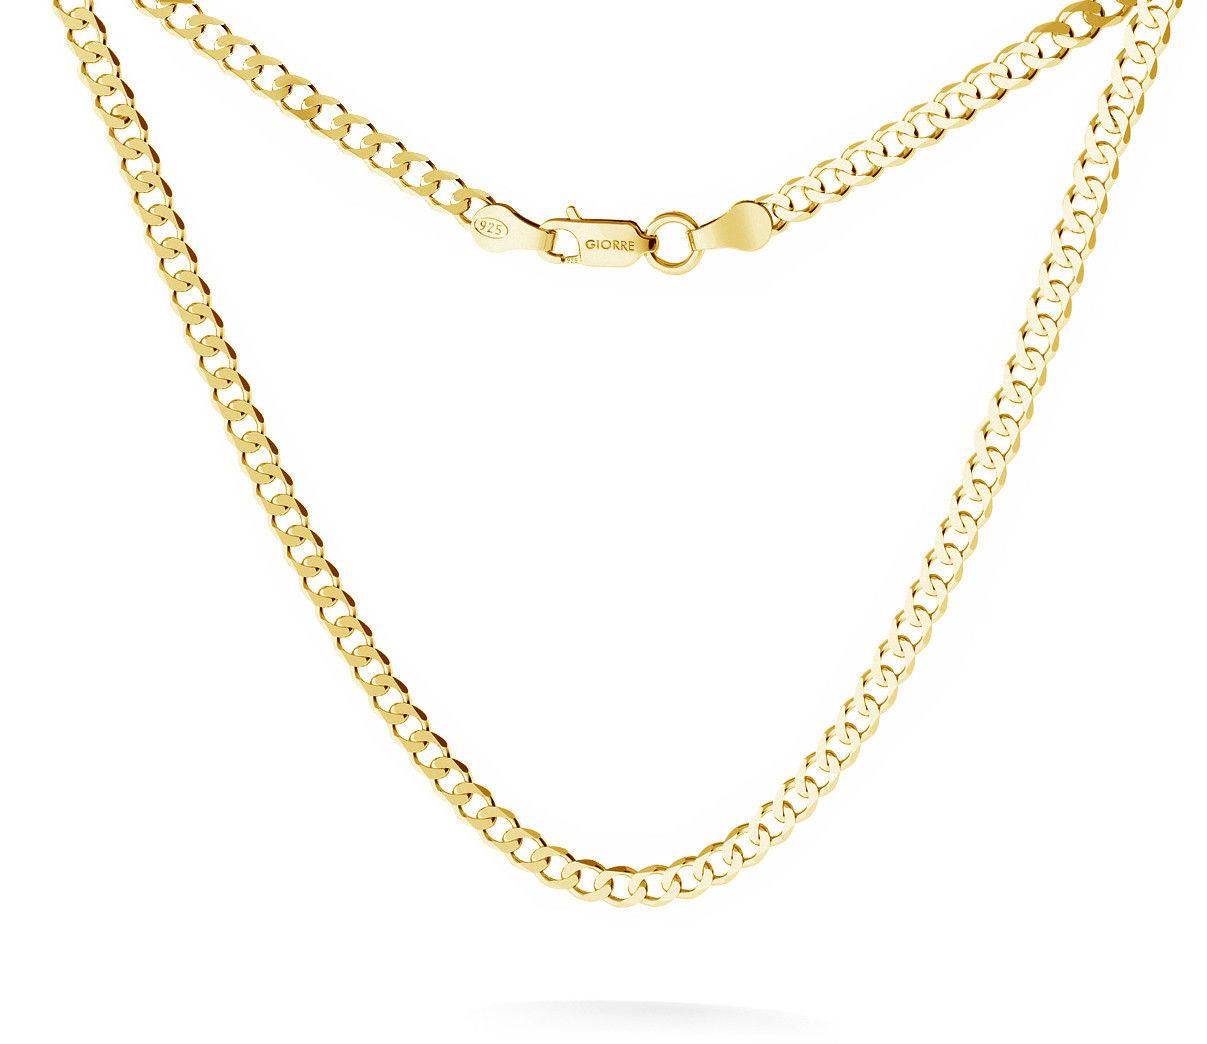 Męski łańcuszek pancerka srebro 925 : Długość (cm) - 60, Srebro - kolor pokrycia - Pokrycie żółtym 18K złotem